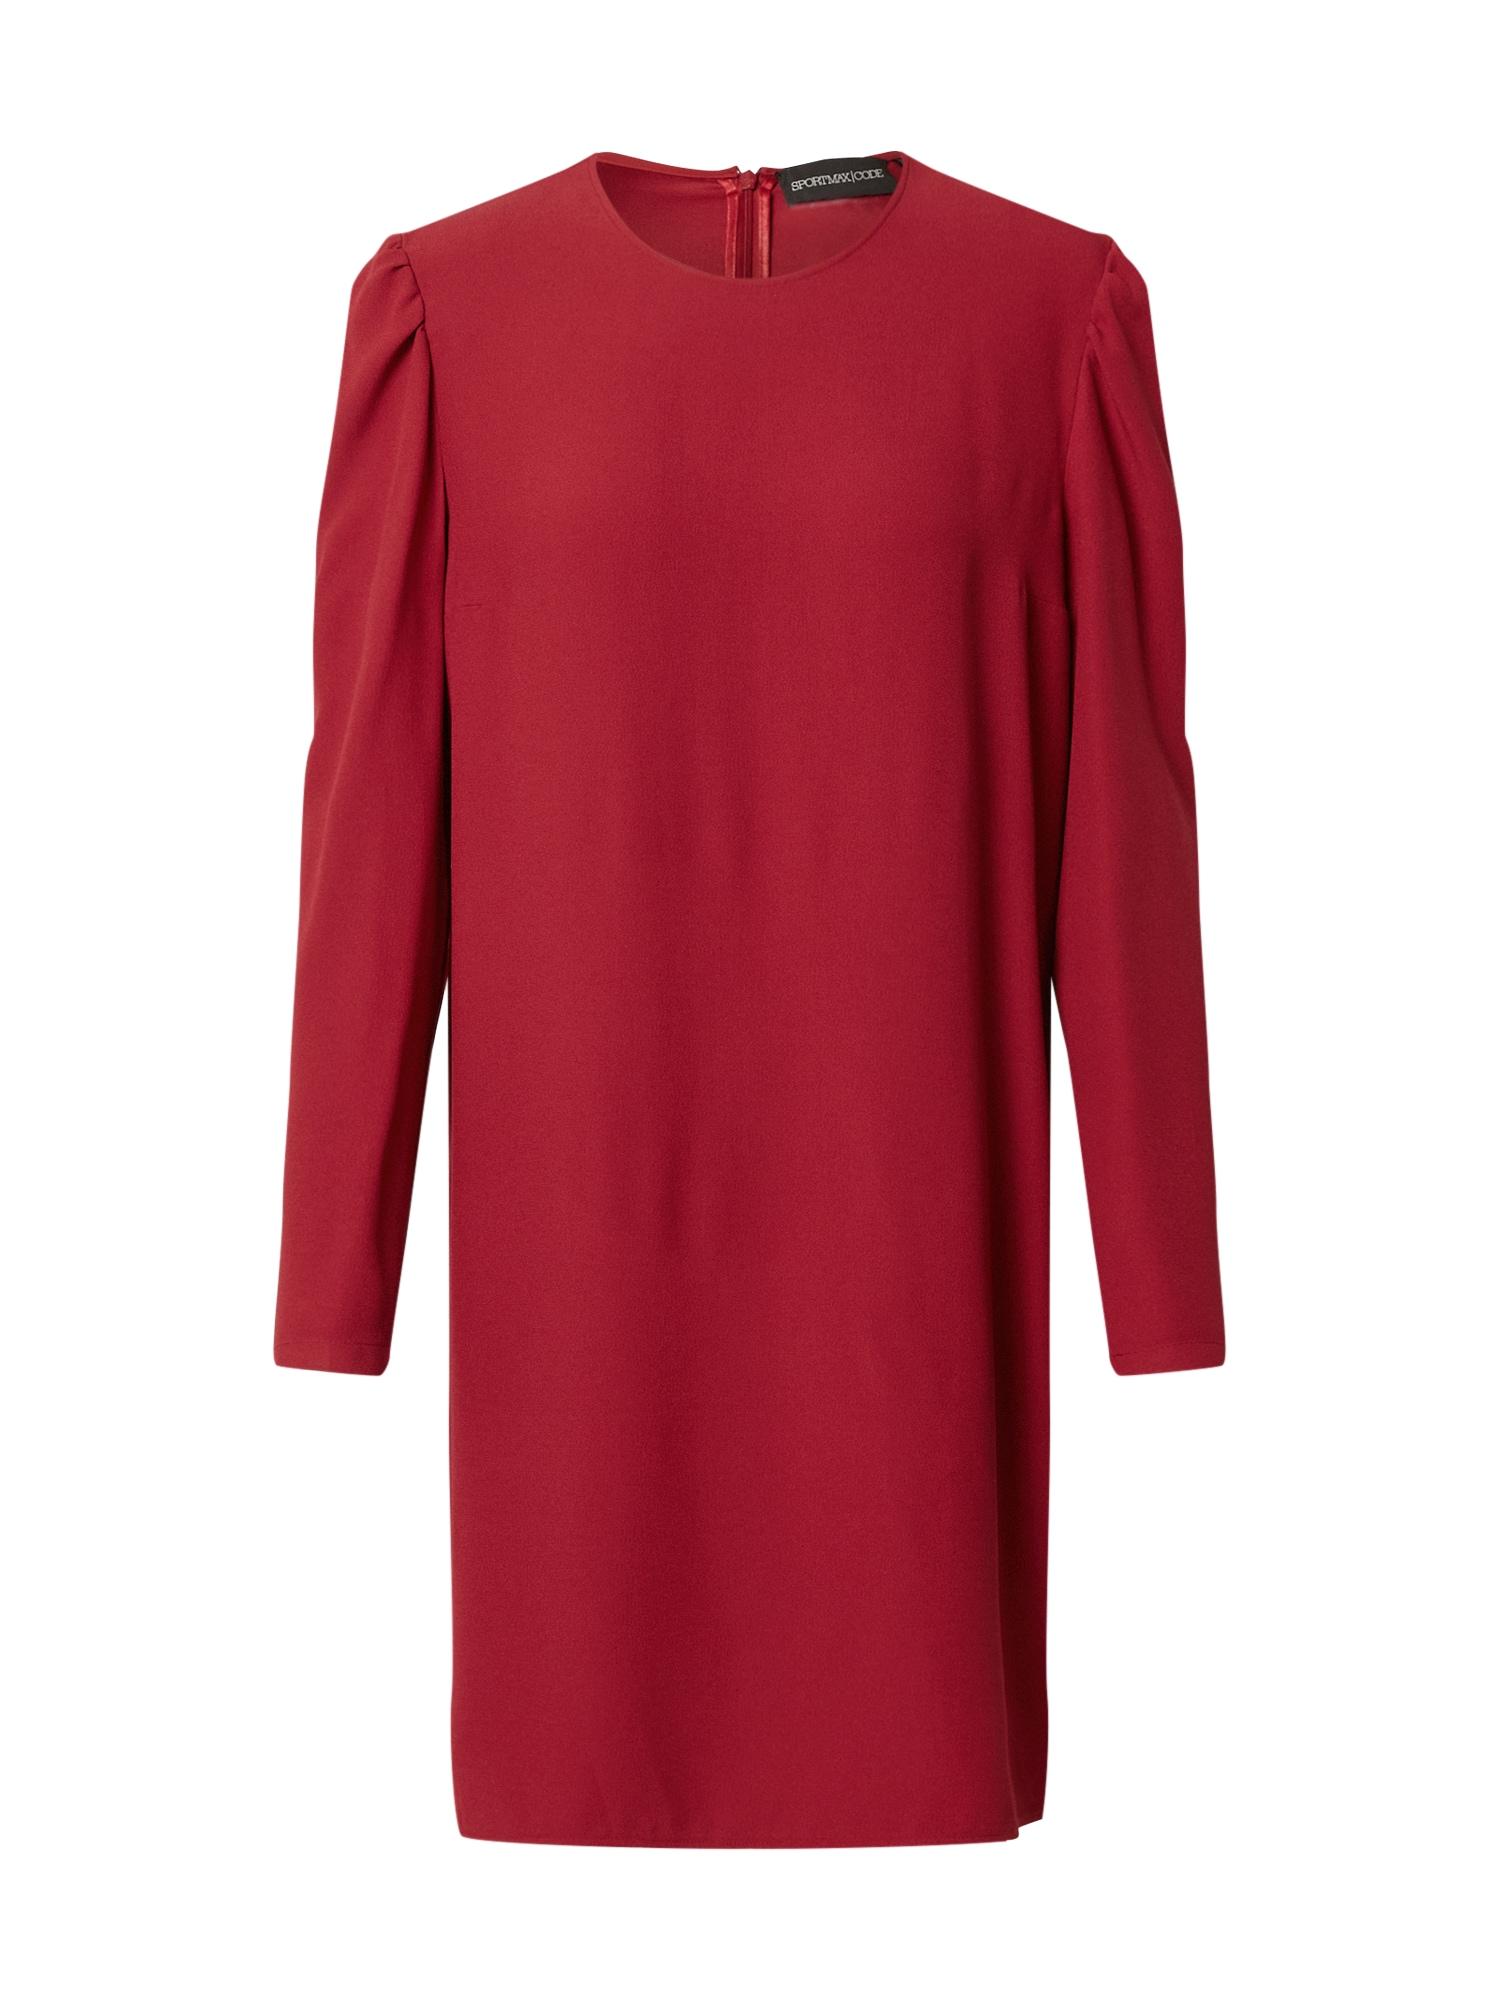 Sportmax Code Suknelė raudona